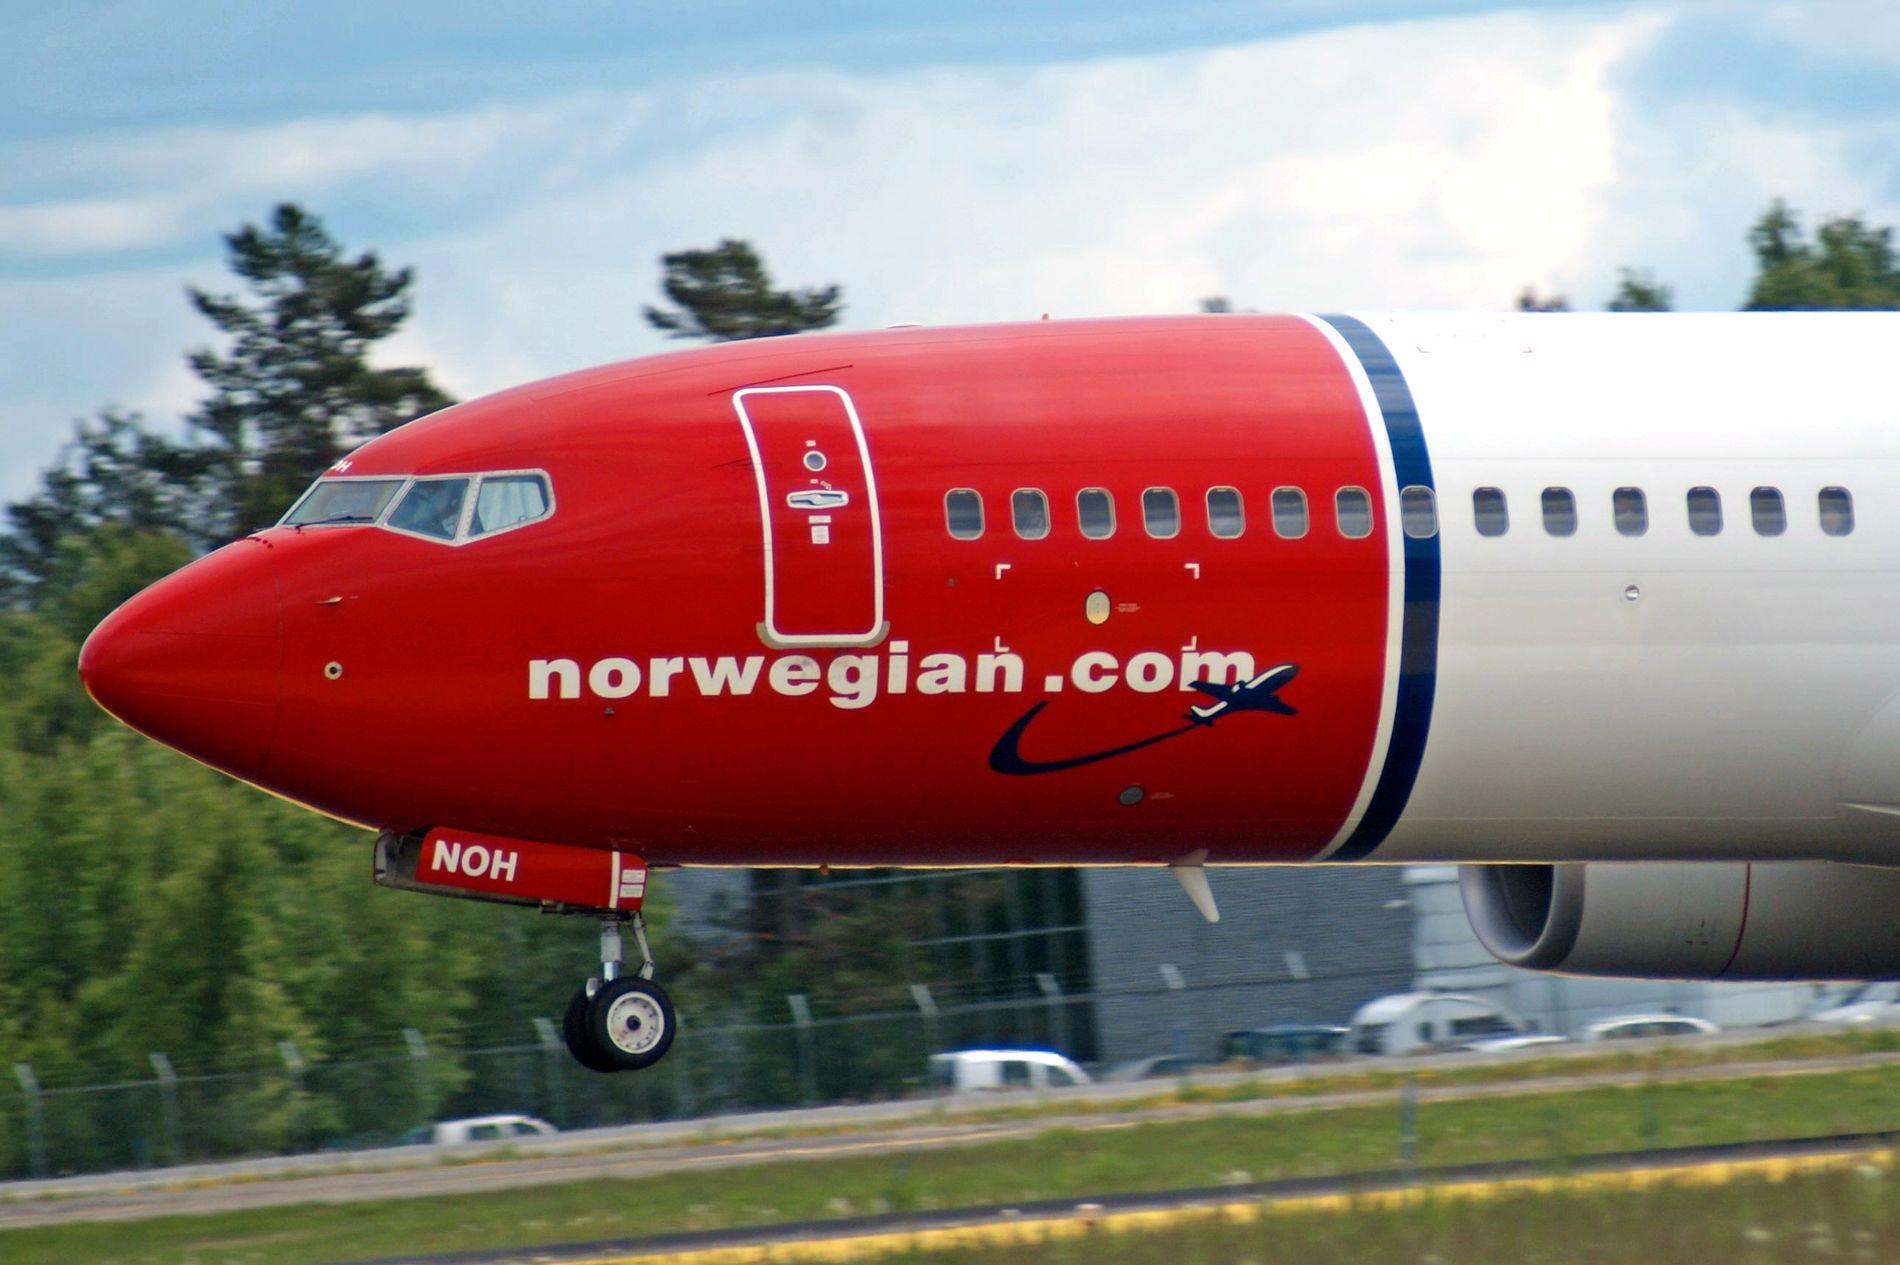 MÅTTE AVBRYTE: Det fullsatte Norwegian-flyet gikk ned i Toulouse i sørlige Frankrike etter at et «voldelig opptrinn» i cabinen. Bildet viser et tilsvarende fly, en Boeing 737–800 på Gardermoen.   Foto: JAN OVIND / VG